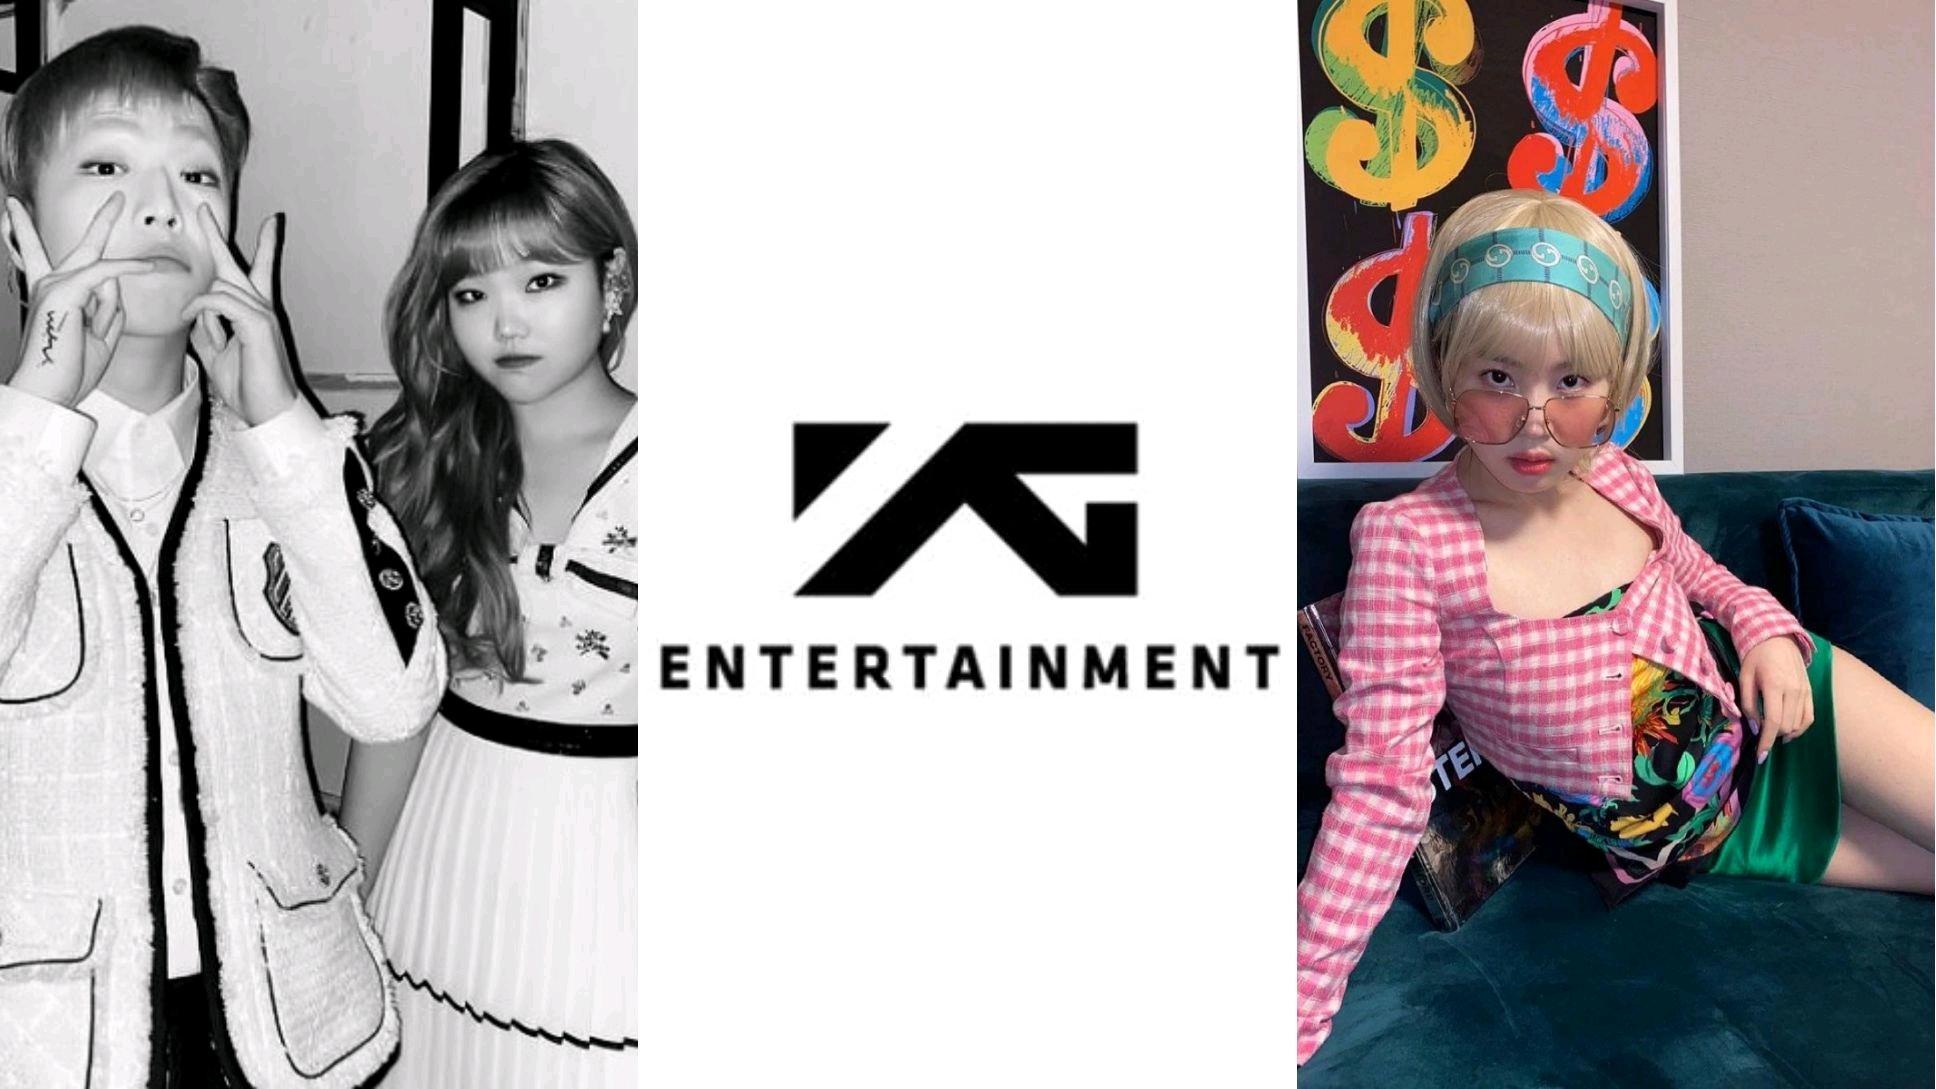 乐童音乐家新专辑邀请李仙姬IU复仇屠榜,YG闷声干大事要发财了